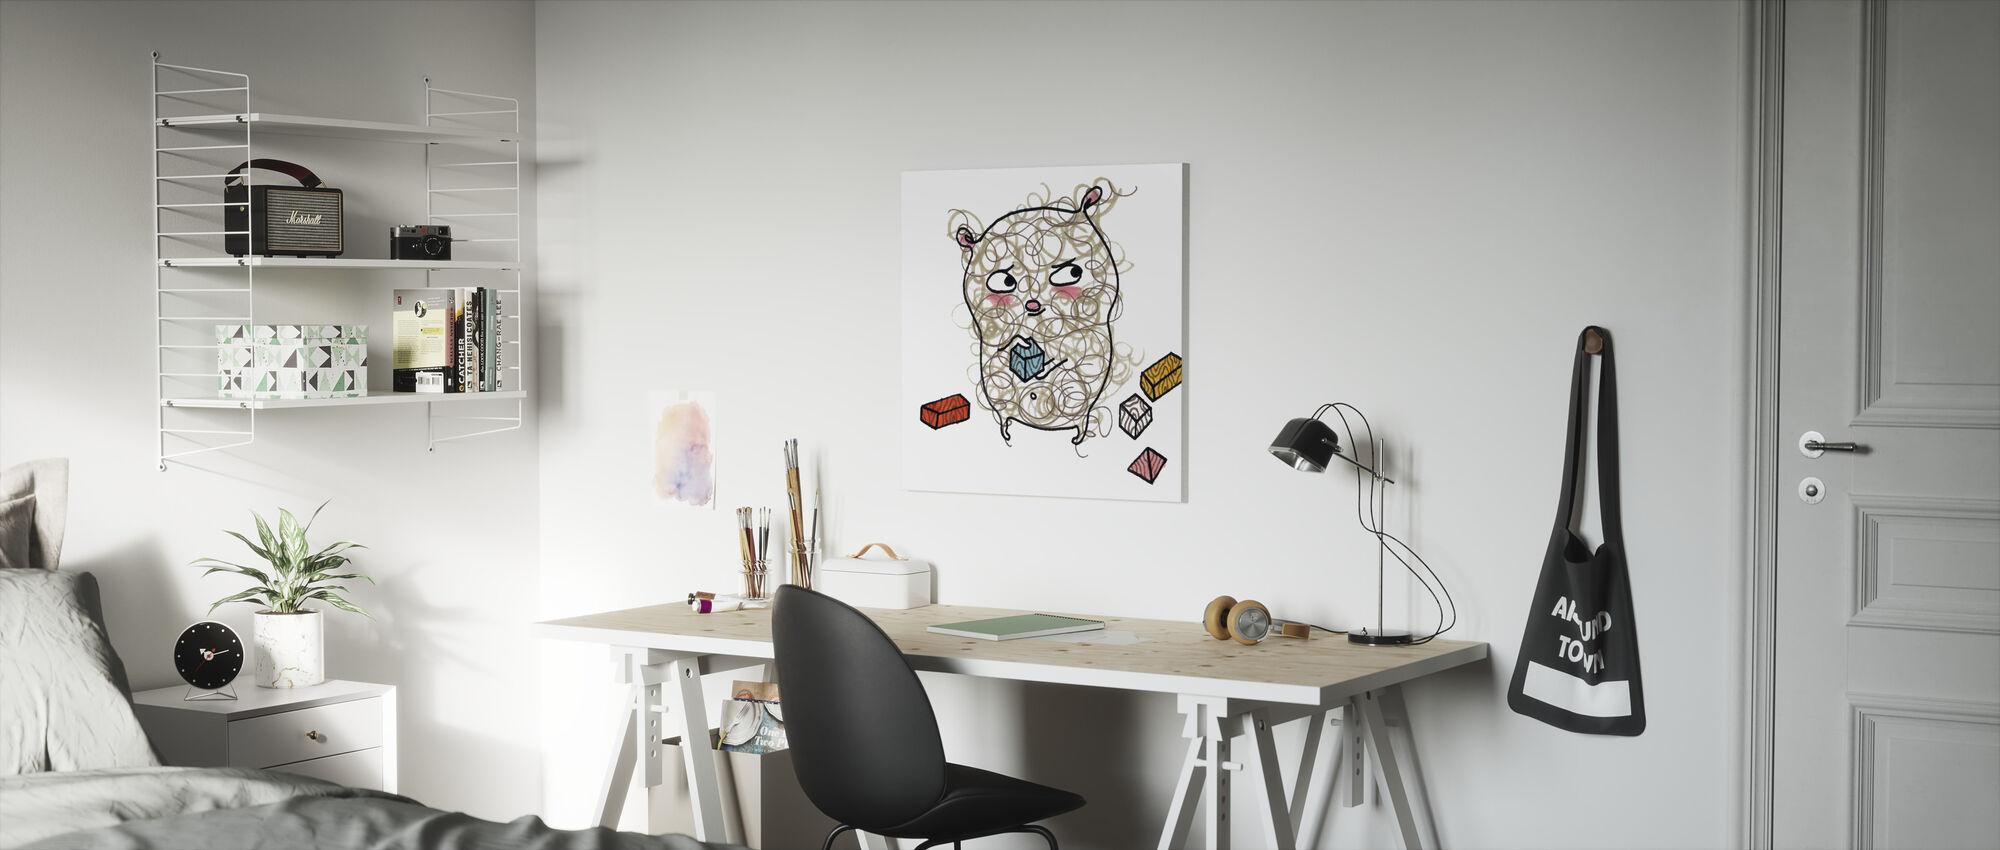 Whose blocks - Canvas print - Kids Room